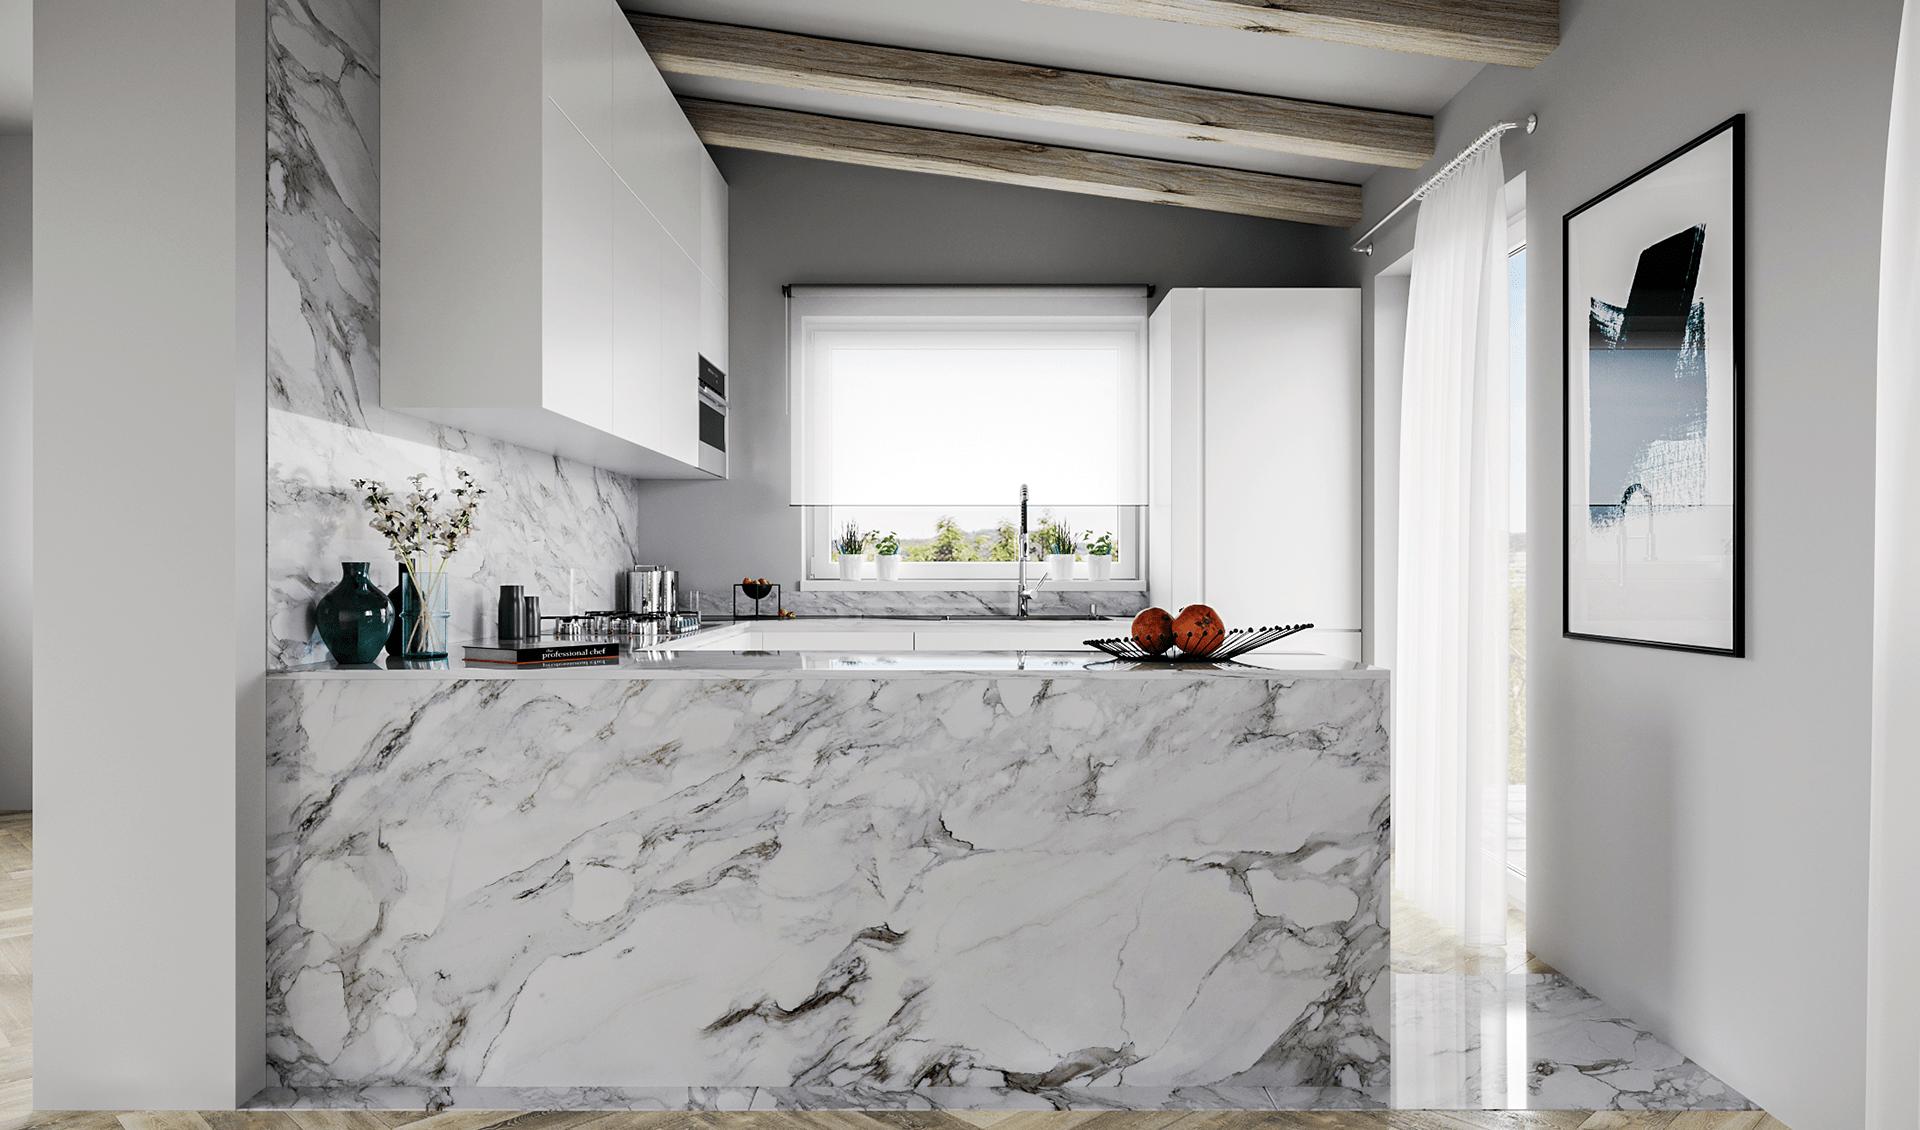 D'Amico Arreda cucina marmo bianco